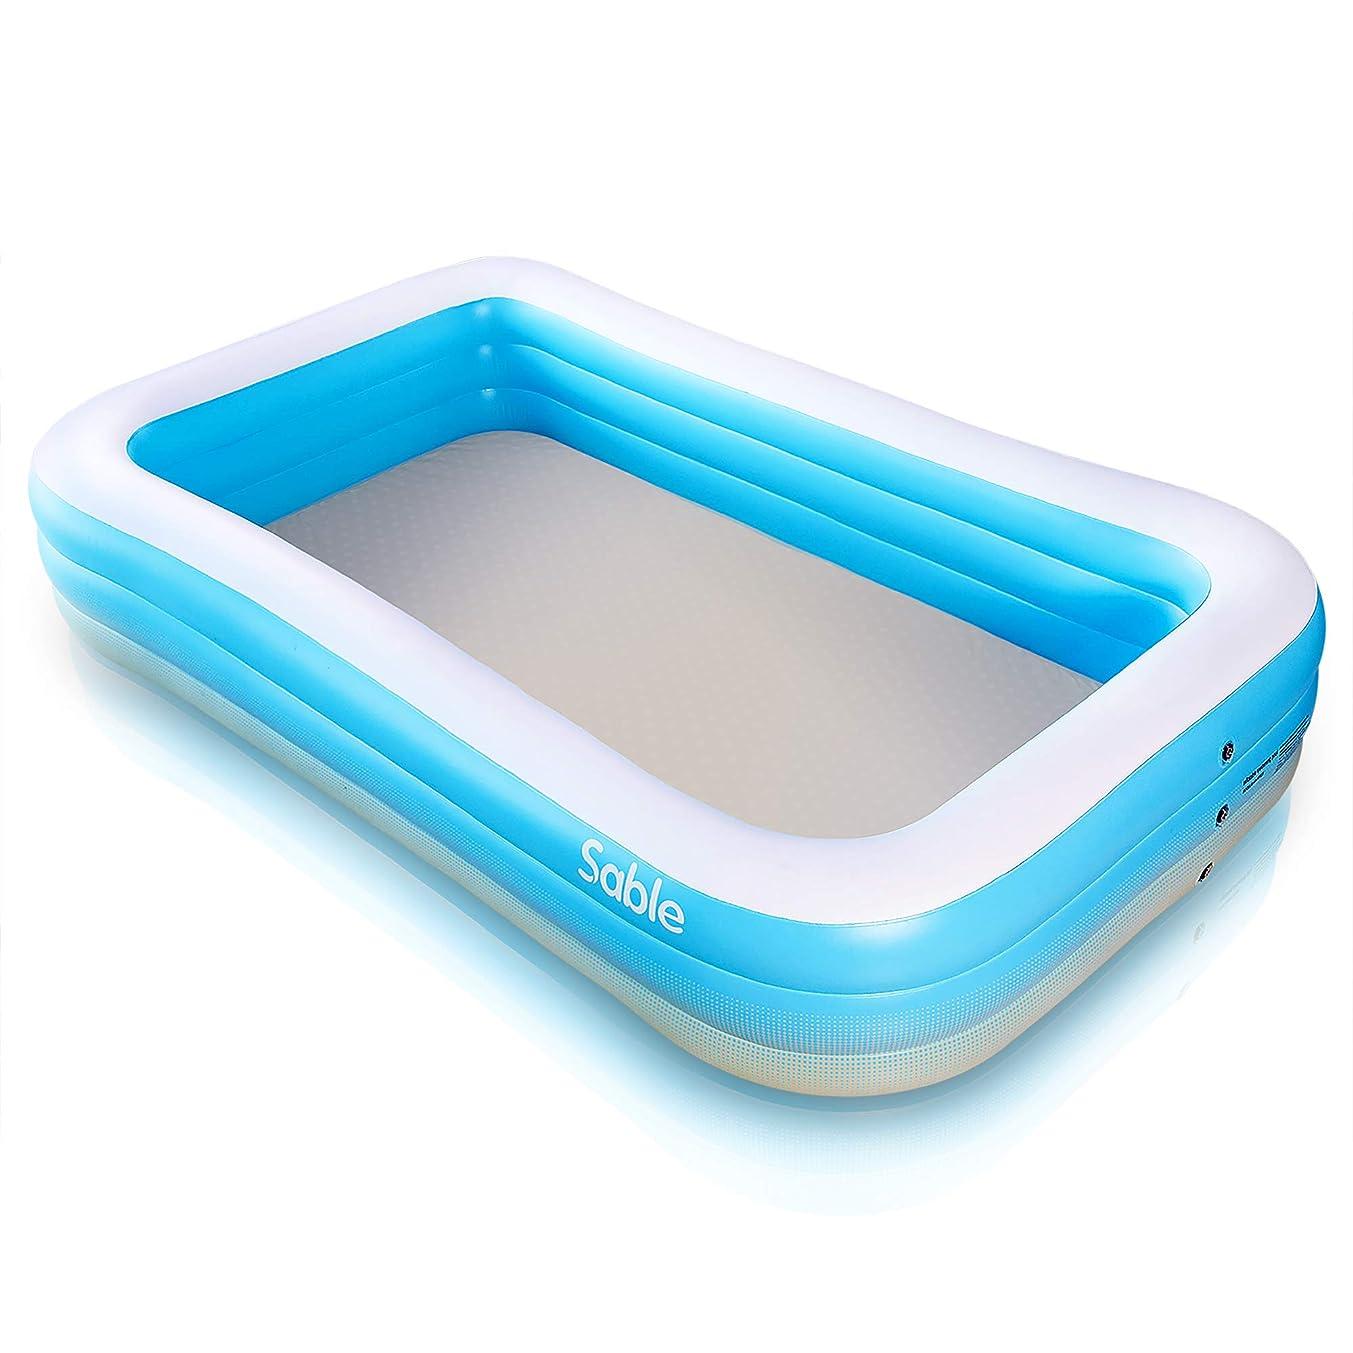 マージループ彼らはPeradix ベビー?幼児用 ベビーフロート 足入れ式 屋根付き 子供用浮き輪 水泳補助具 ハンドル付き 6+